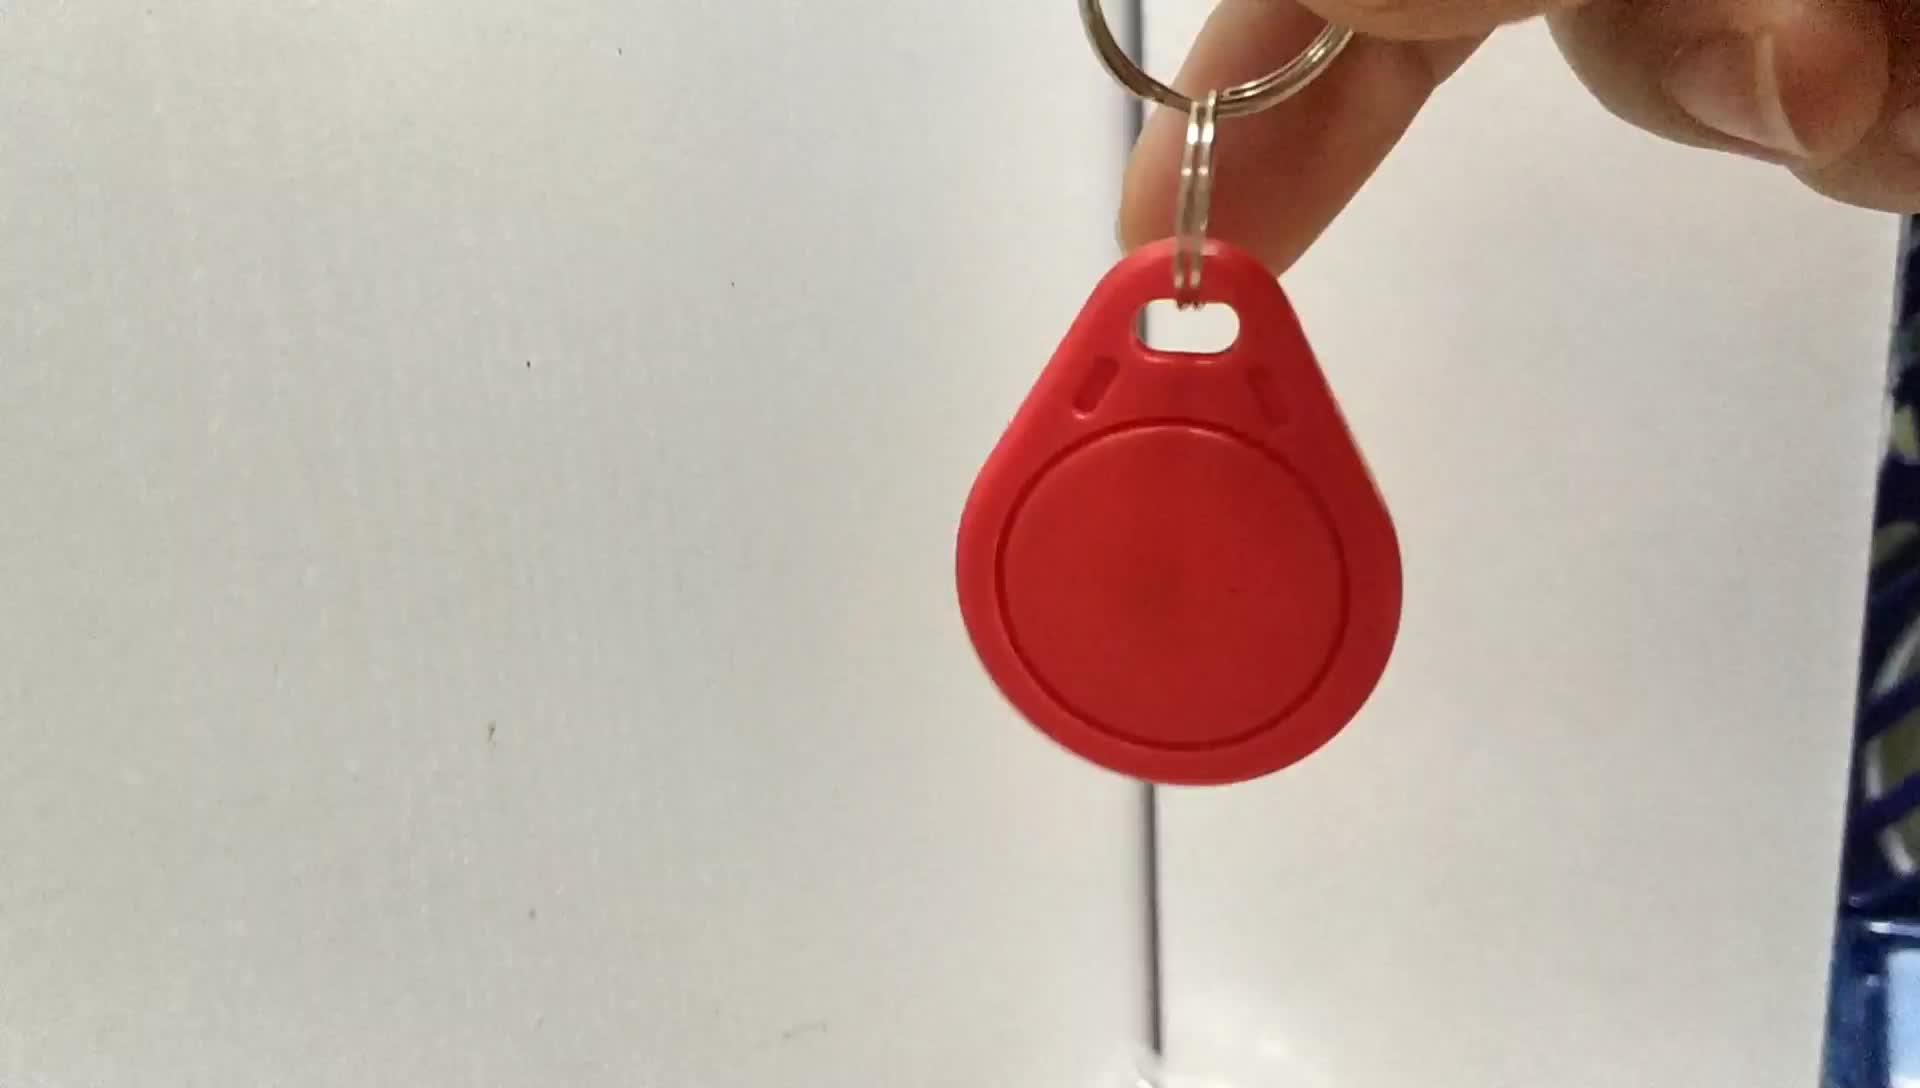 Gaya Baru Bahan ABS 125 KHz ATA5577 RFID Keyfob untuk Sistem Kontrol Akses